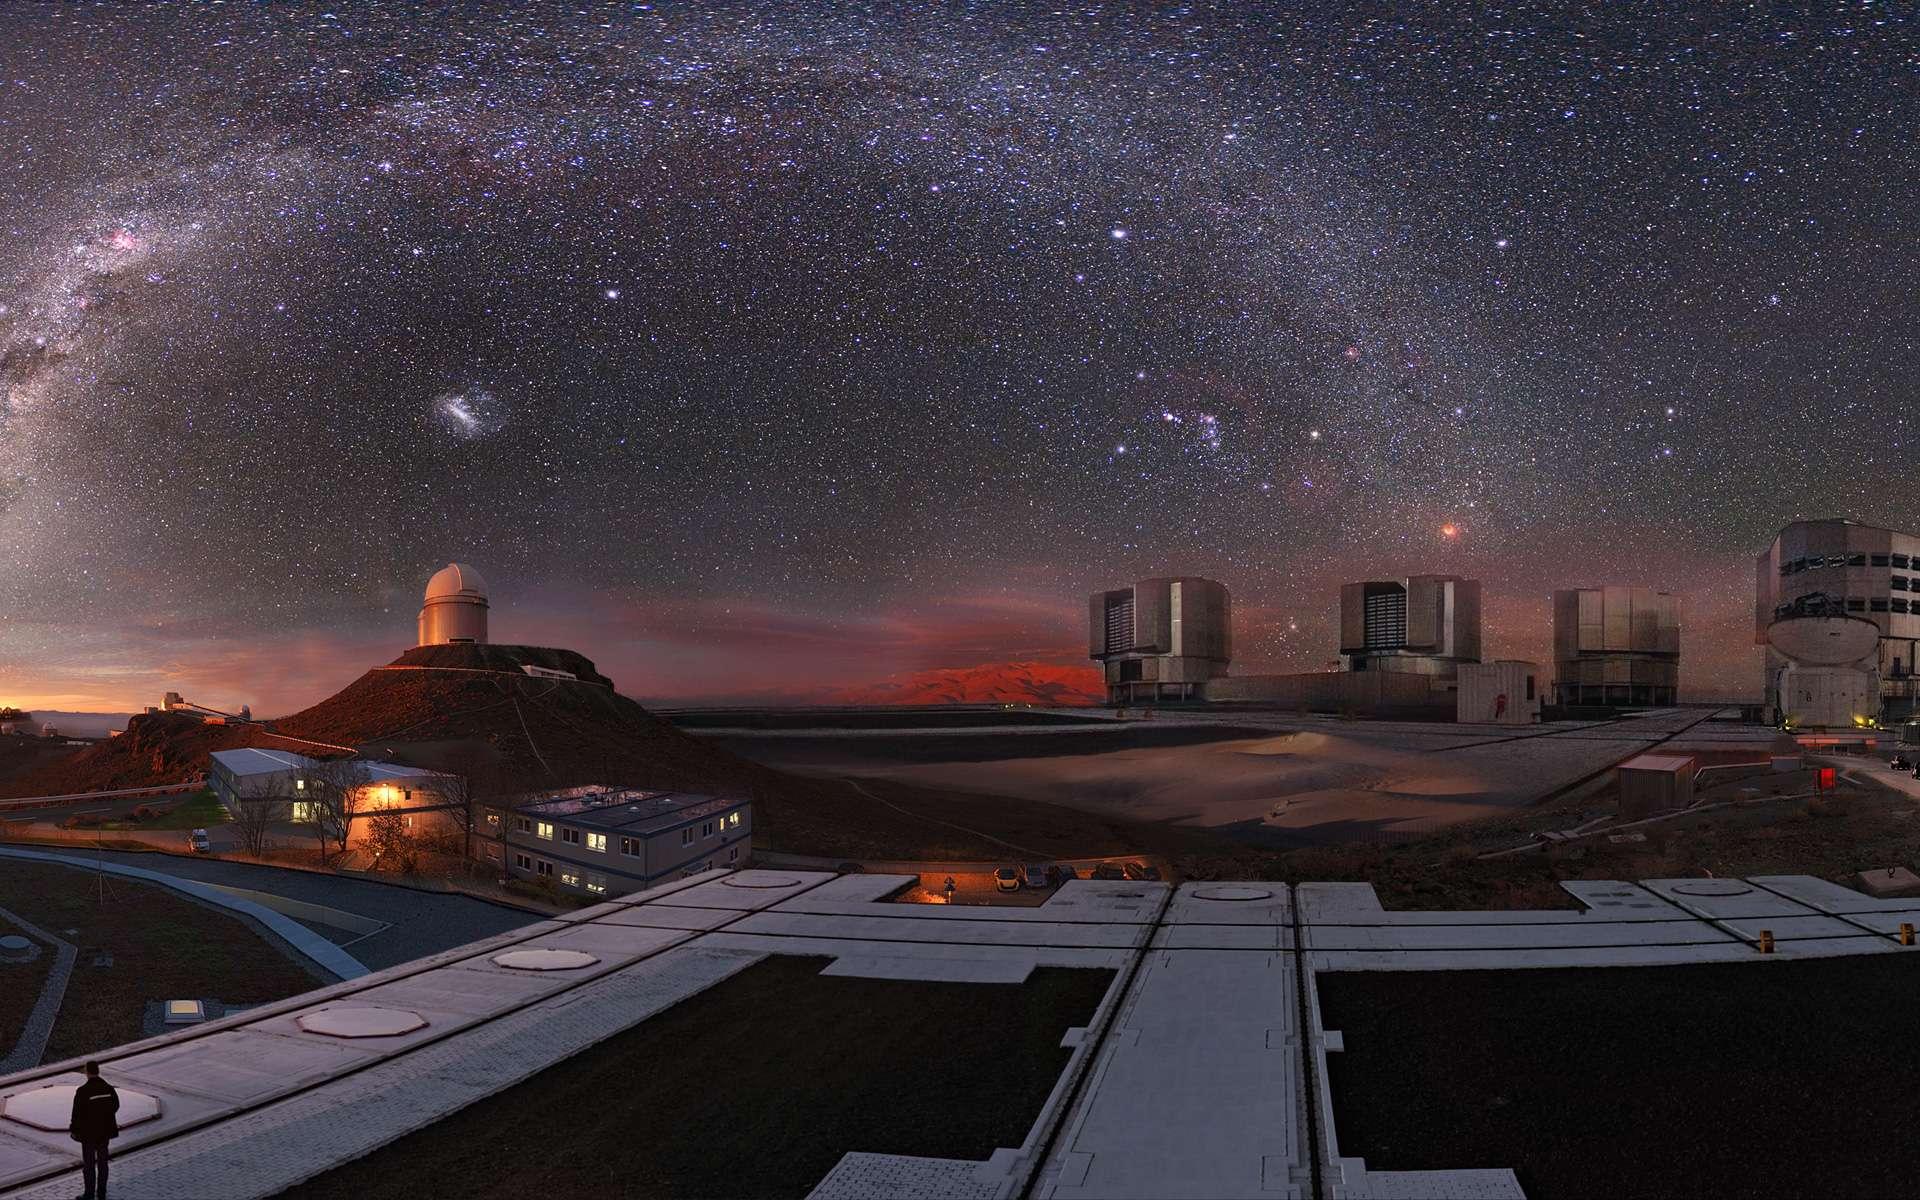 Une vue d'artiste de certains télescopes de l'ESO. © European Southern Observatory (ESO)